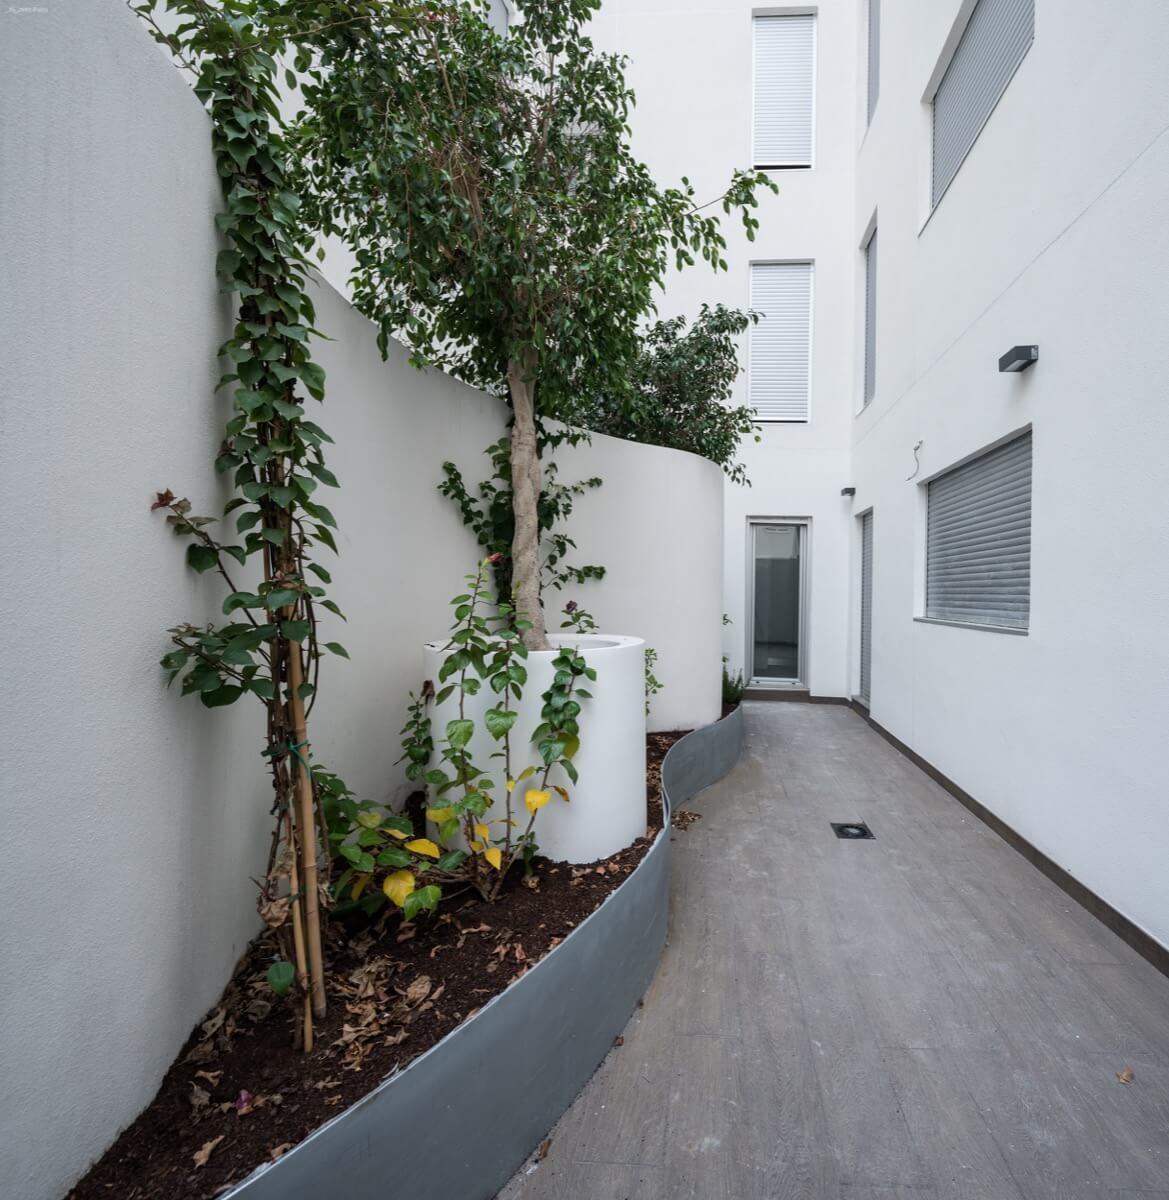 Patio interior del Edificio Pintor Lorenzo Casanova. Destaca la jardinera de sinuosas curvas con vegetación